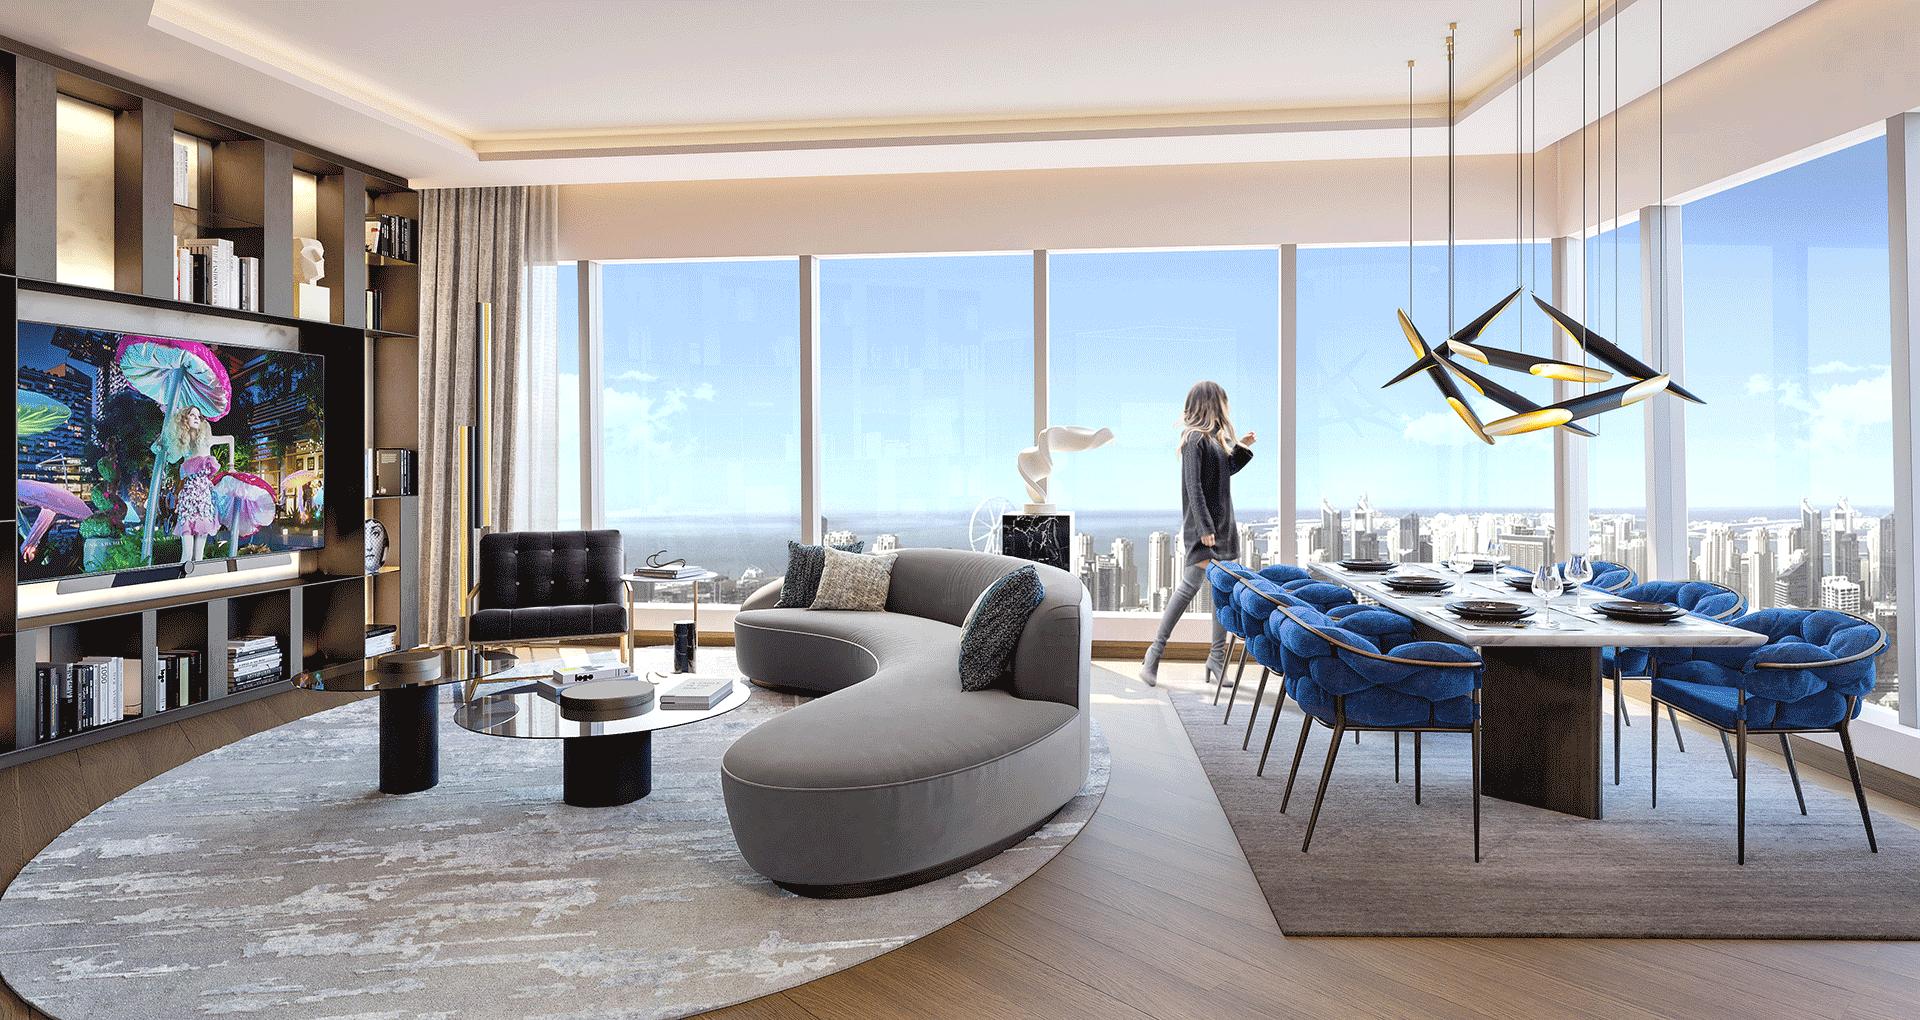 So Uptown Dubai Residences